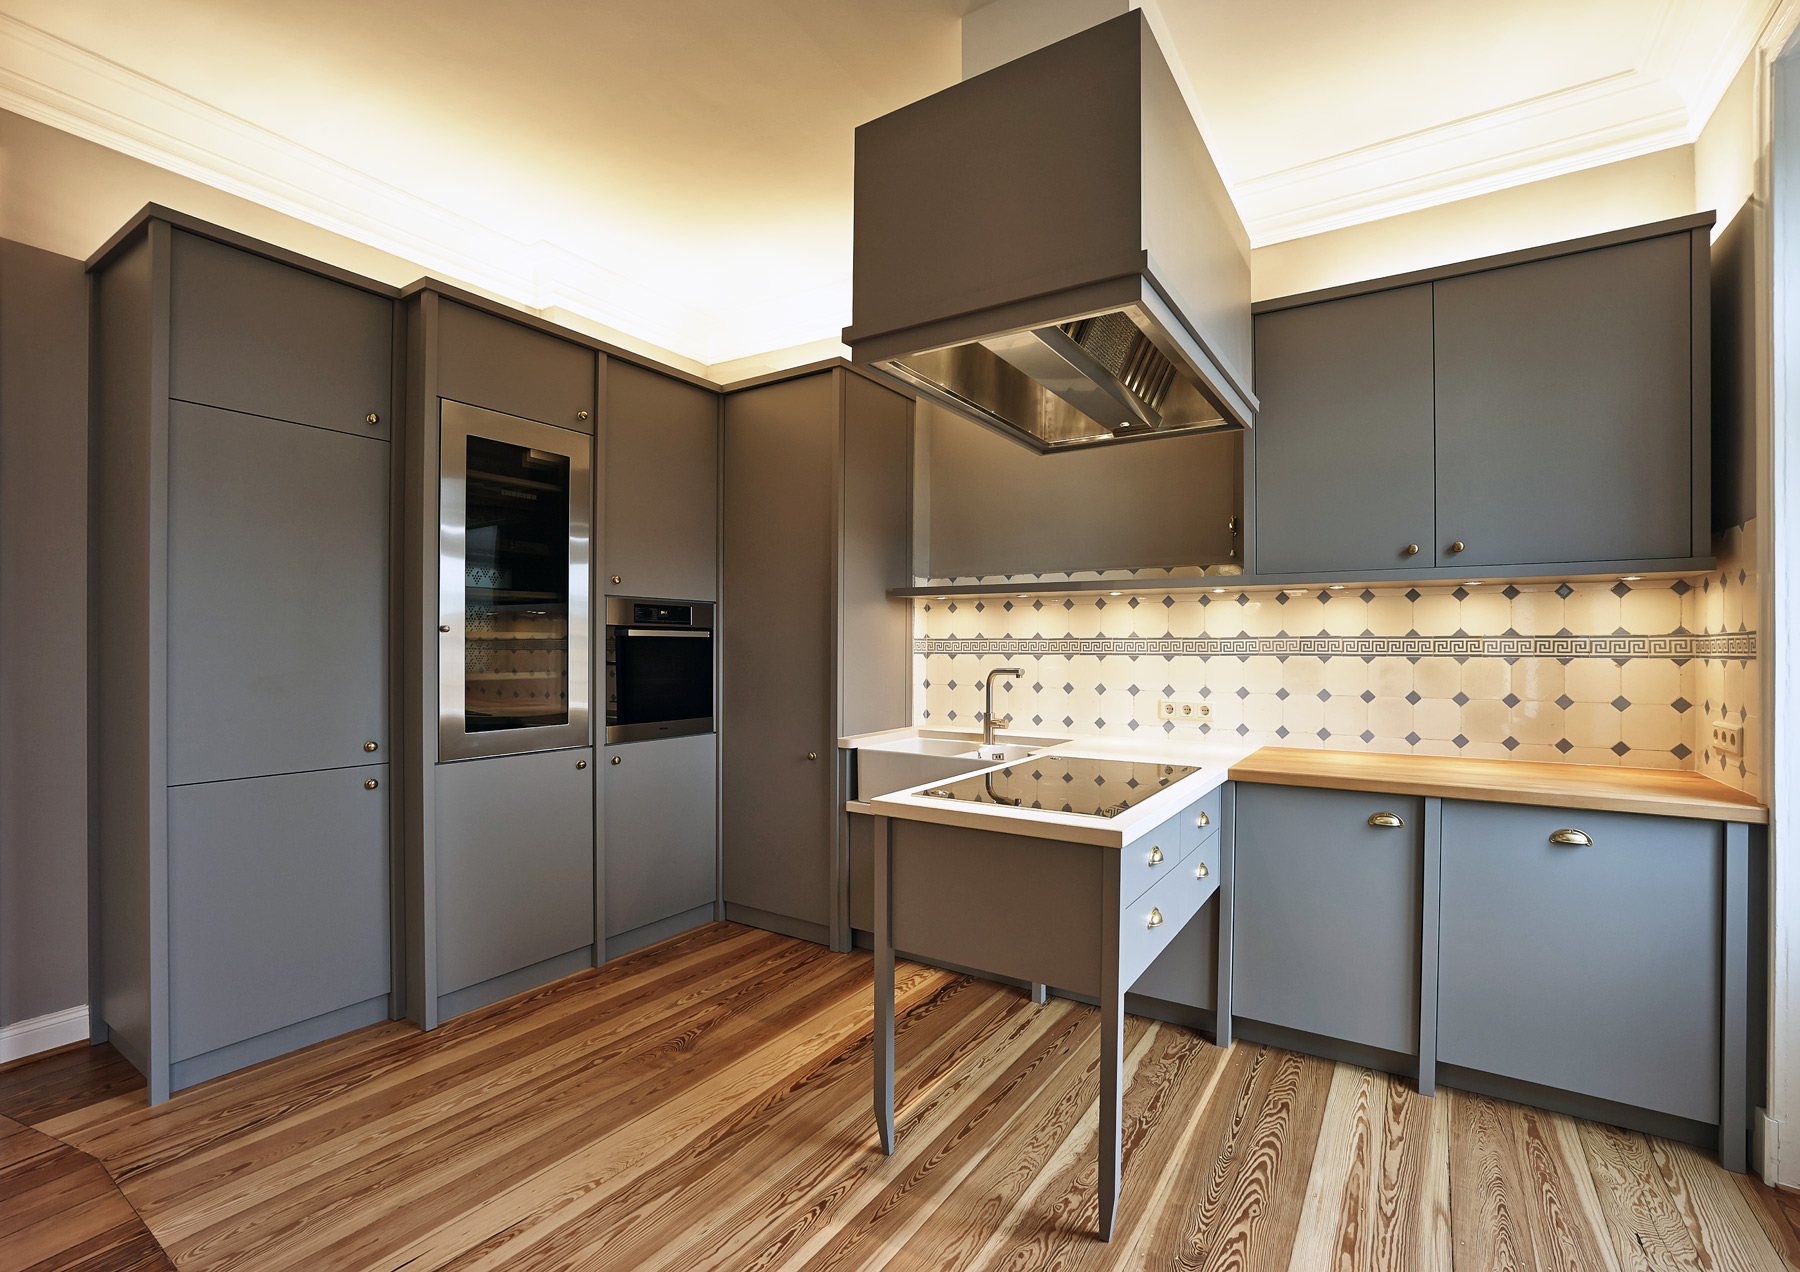 Individuelle küchenplanung  Individuelle Küchen | kochkor.info